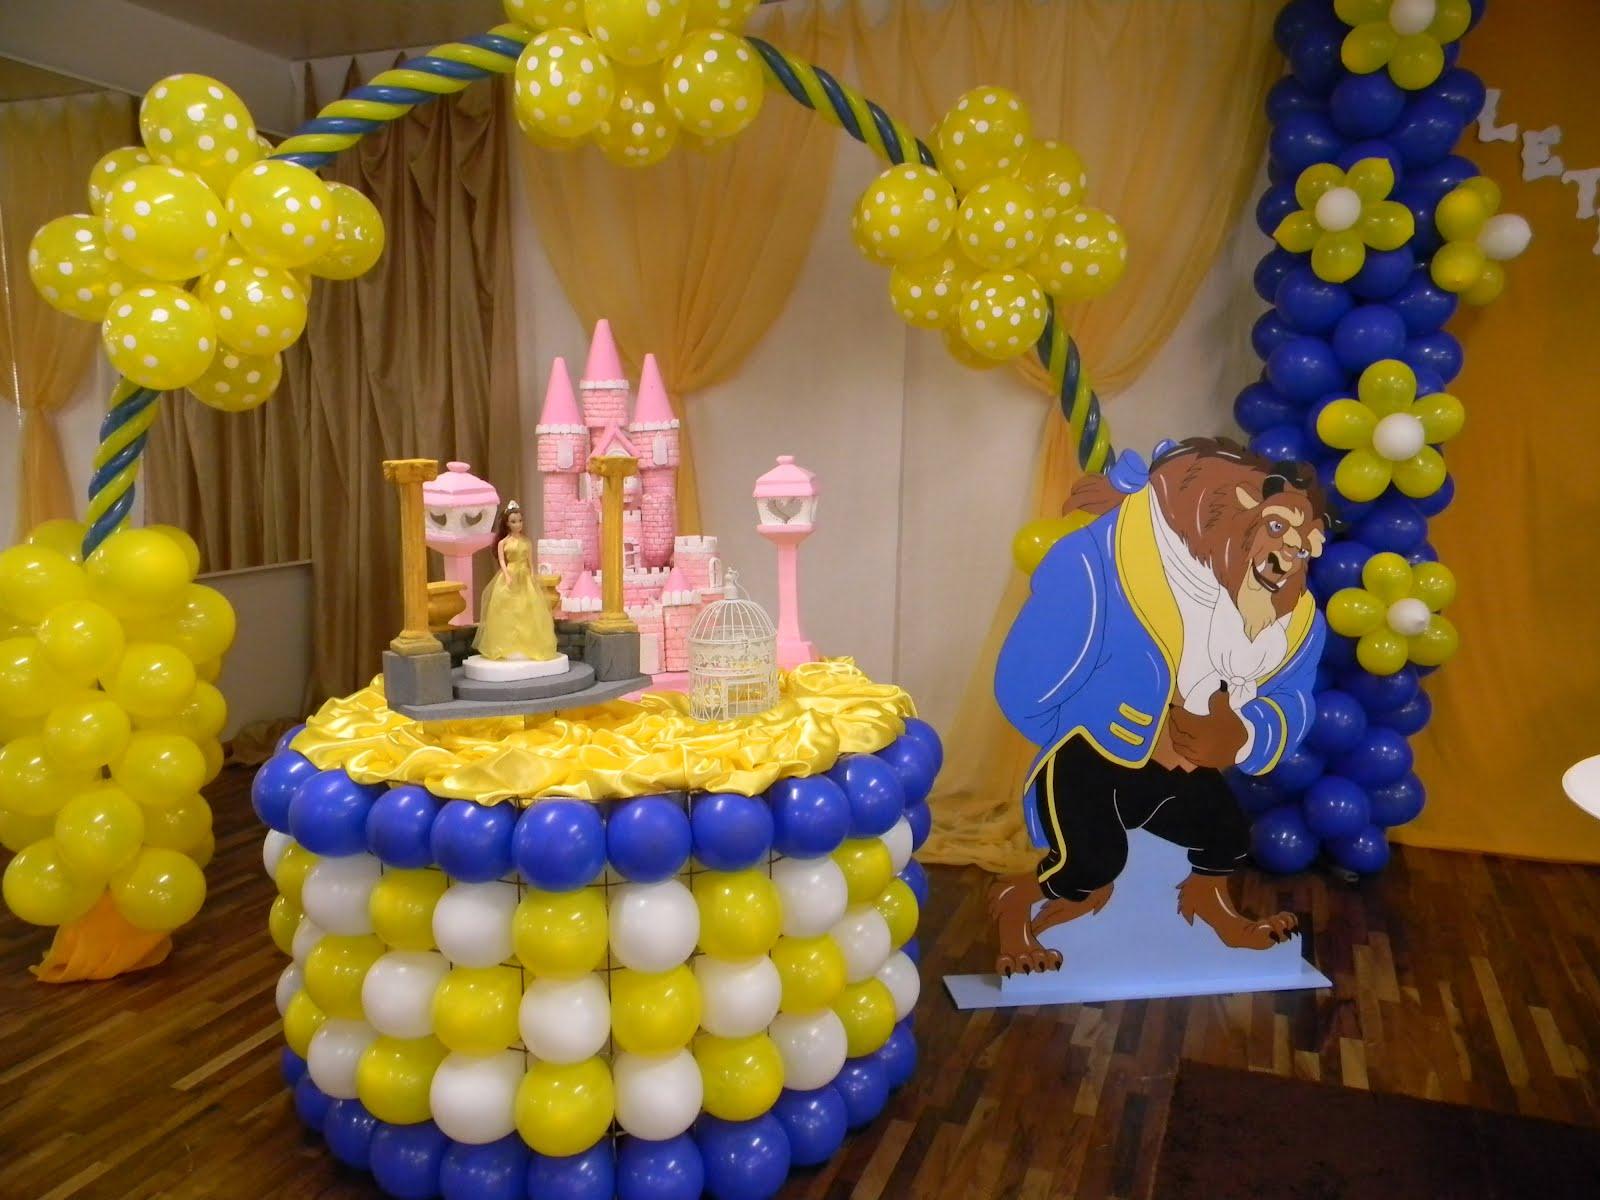 Decorações  Festas Infantis: Festa Bela e a Fera  Expuleto Caçador #B79A10 1600 1200